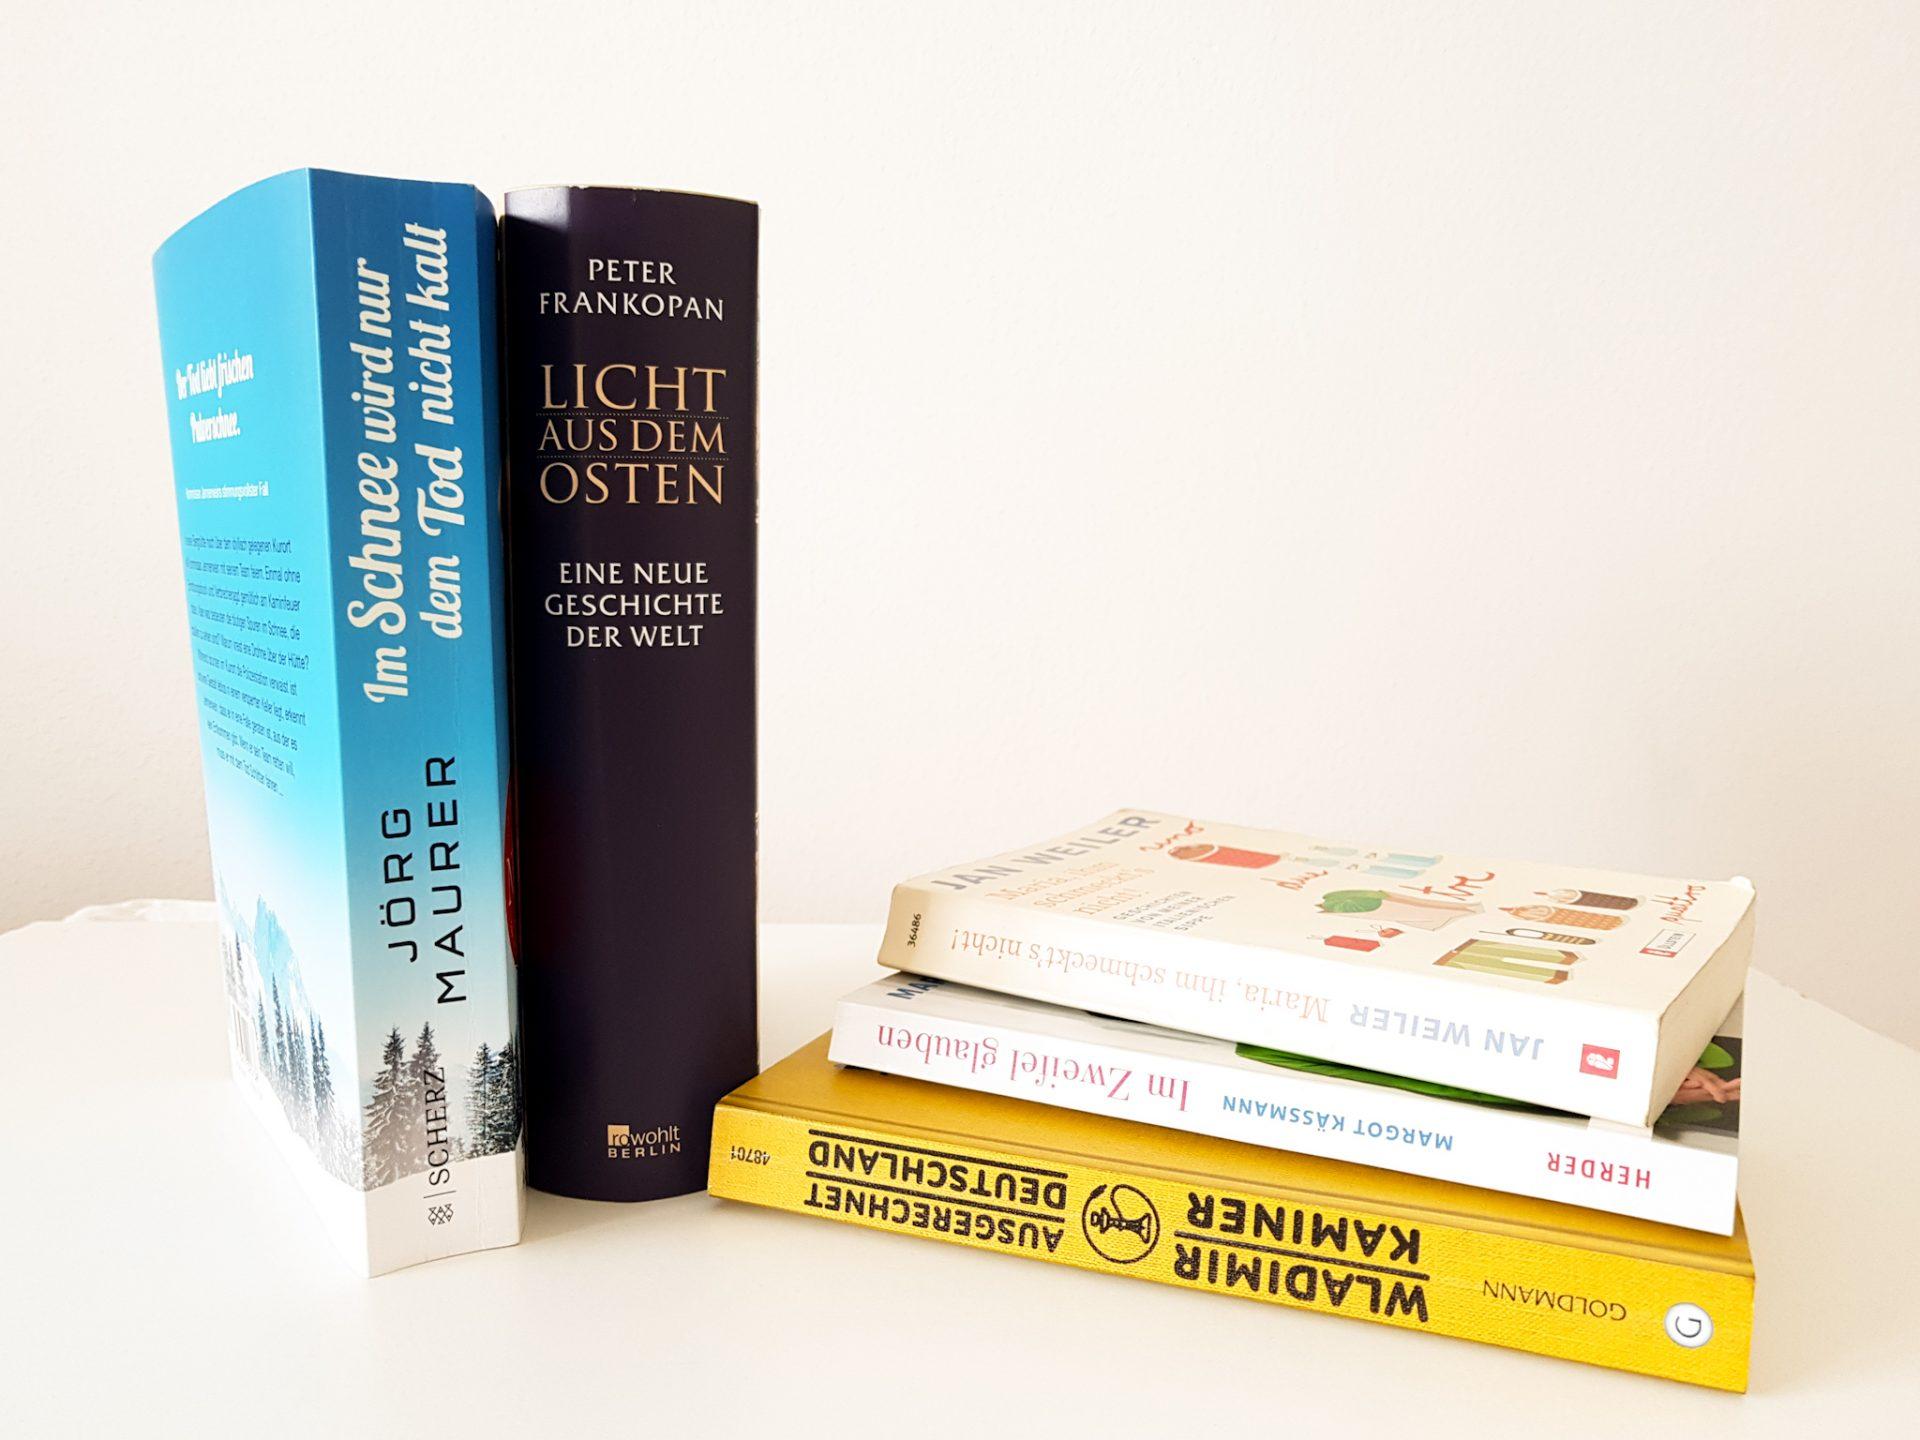 Bücherstapel mit weiteren Empfehlungen